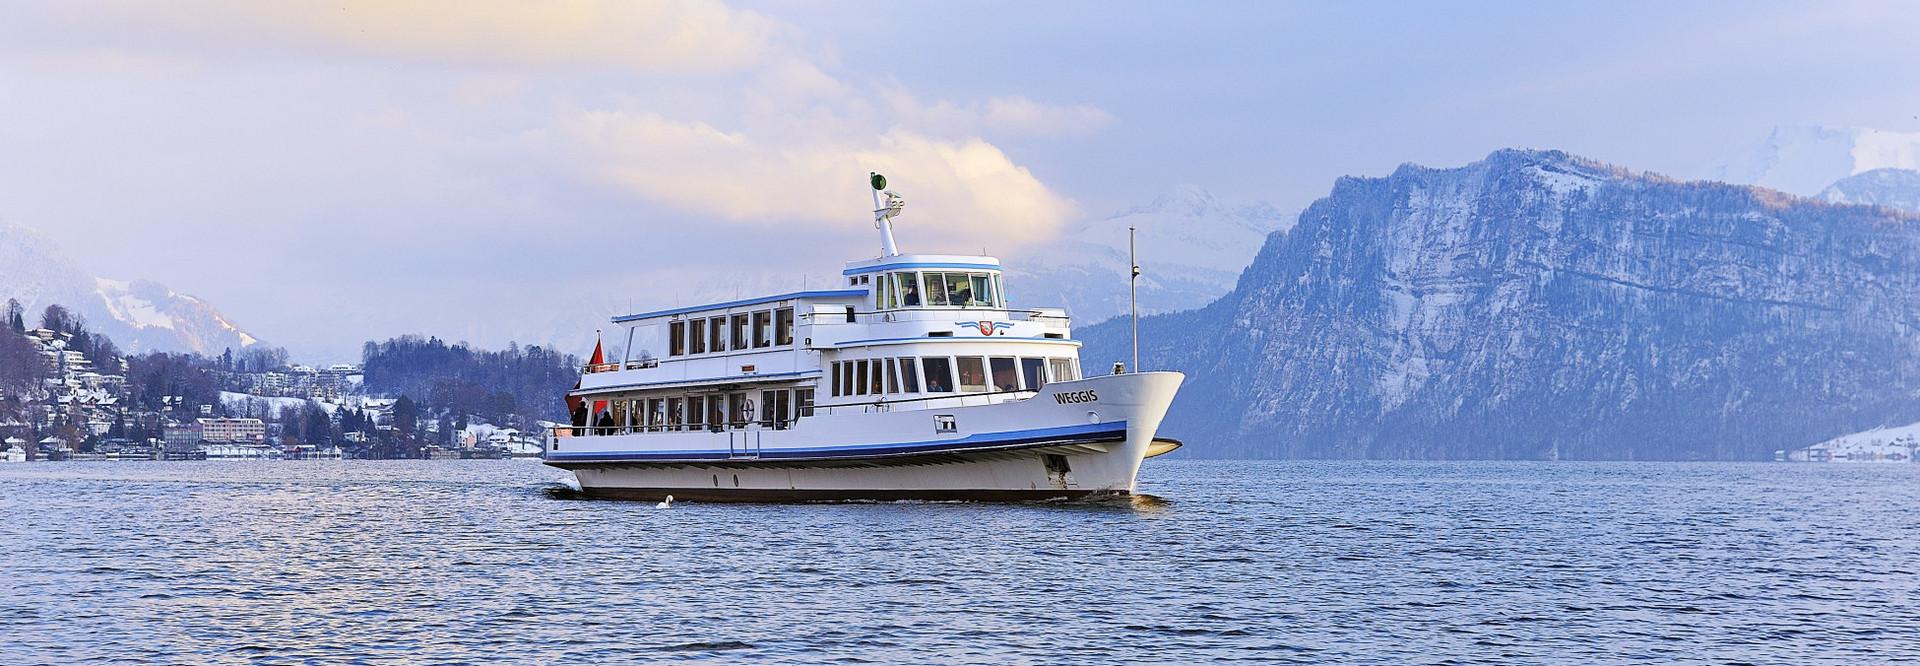 Motorschiff fährt im Winter auf dem Vierwaldstättersee.